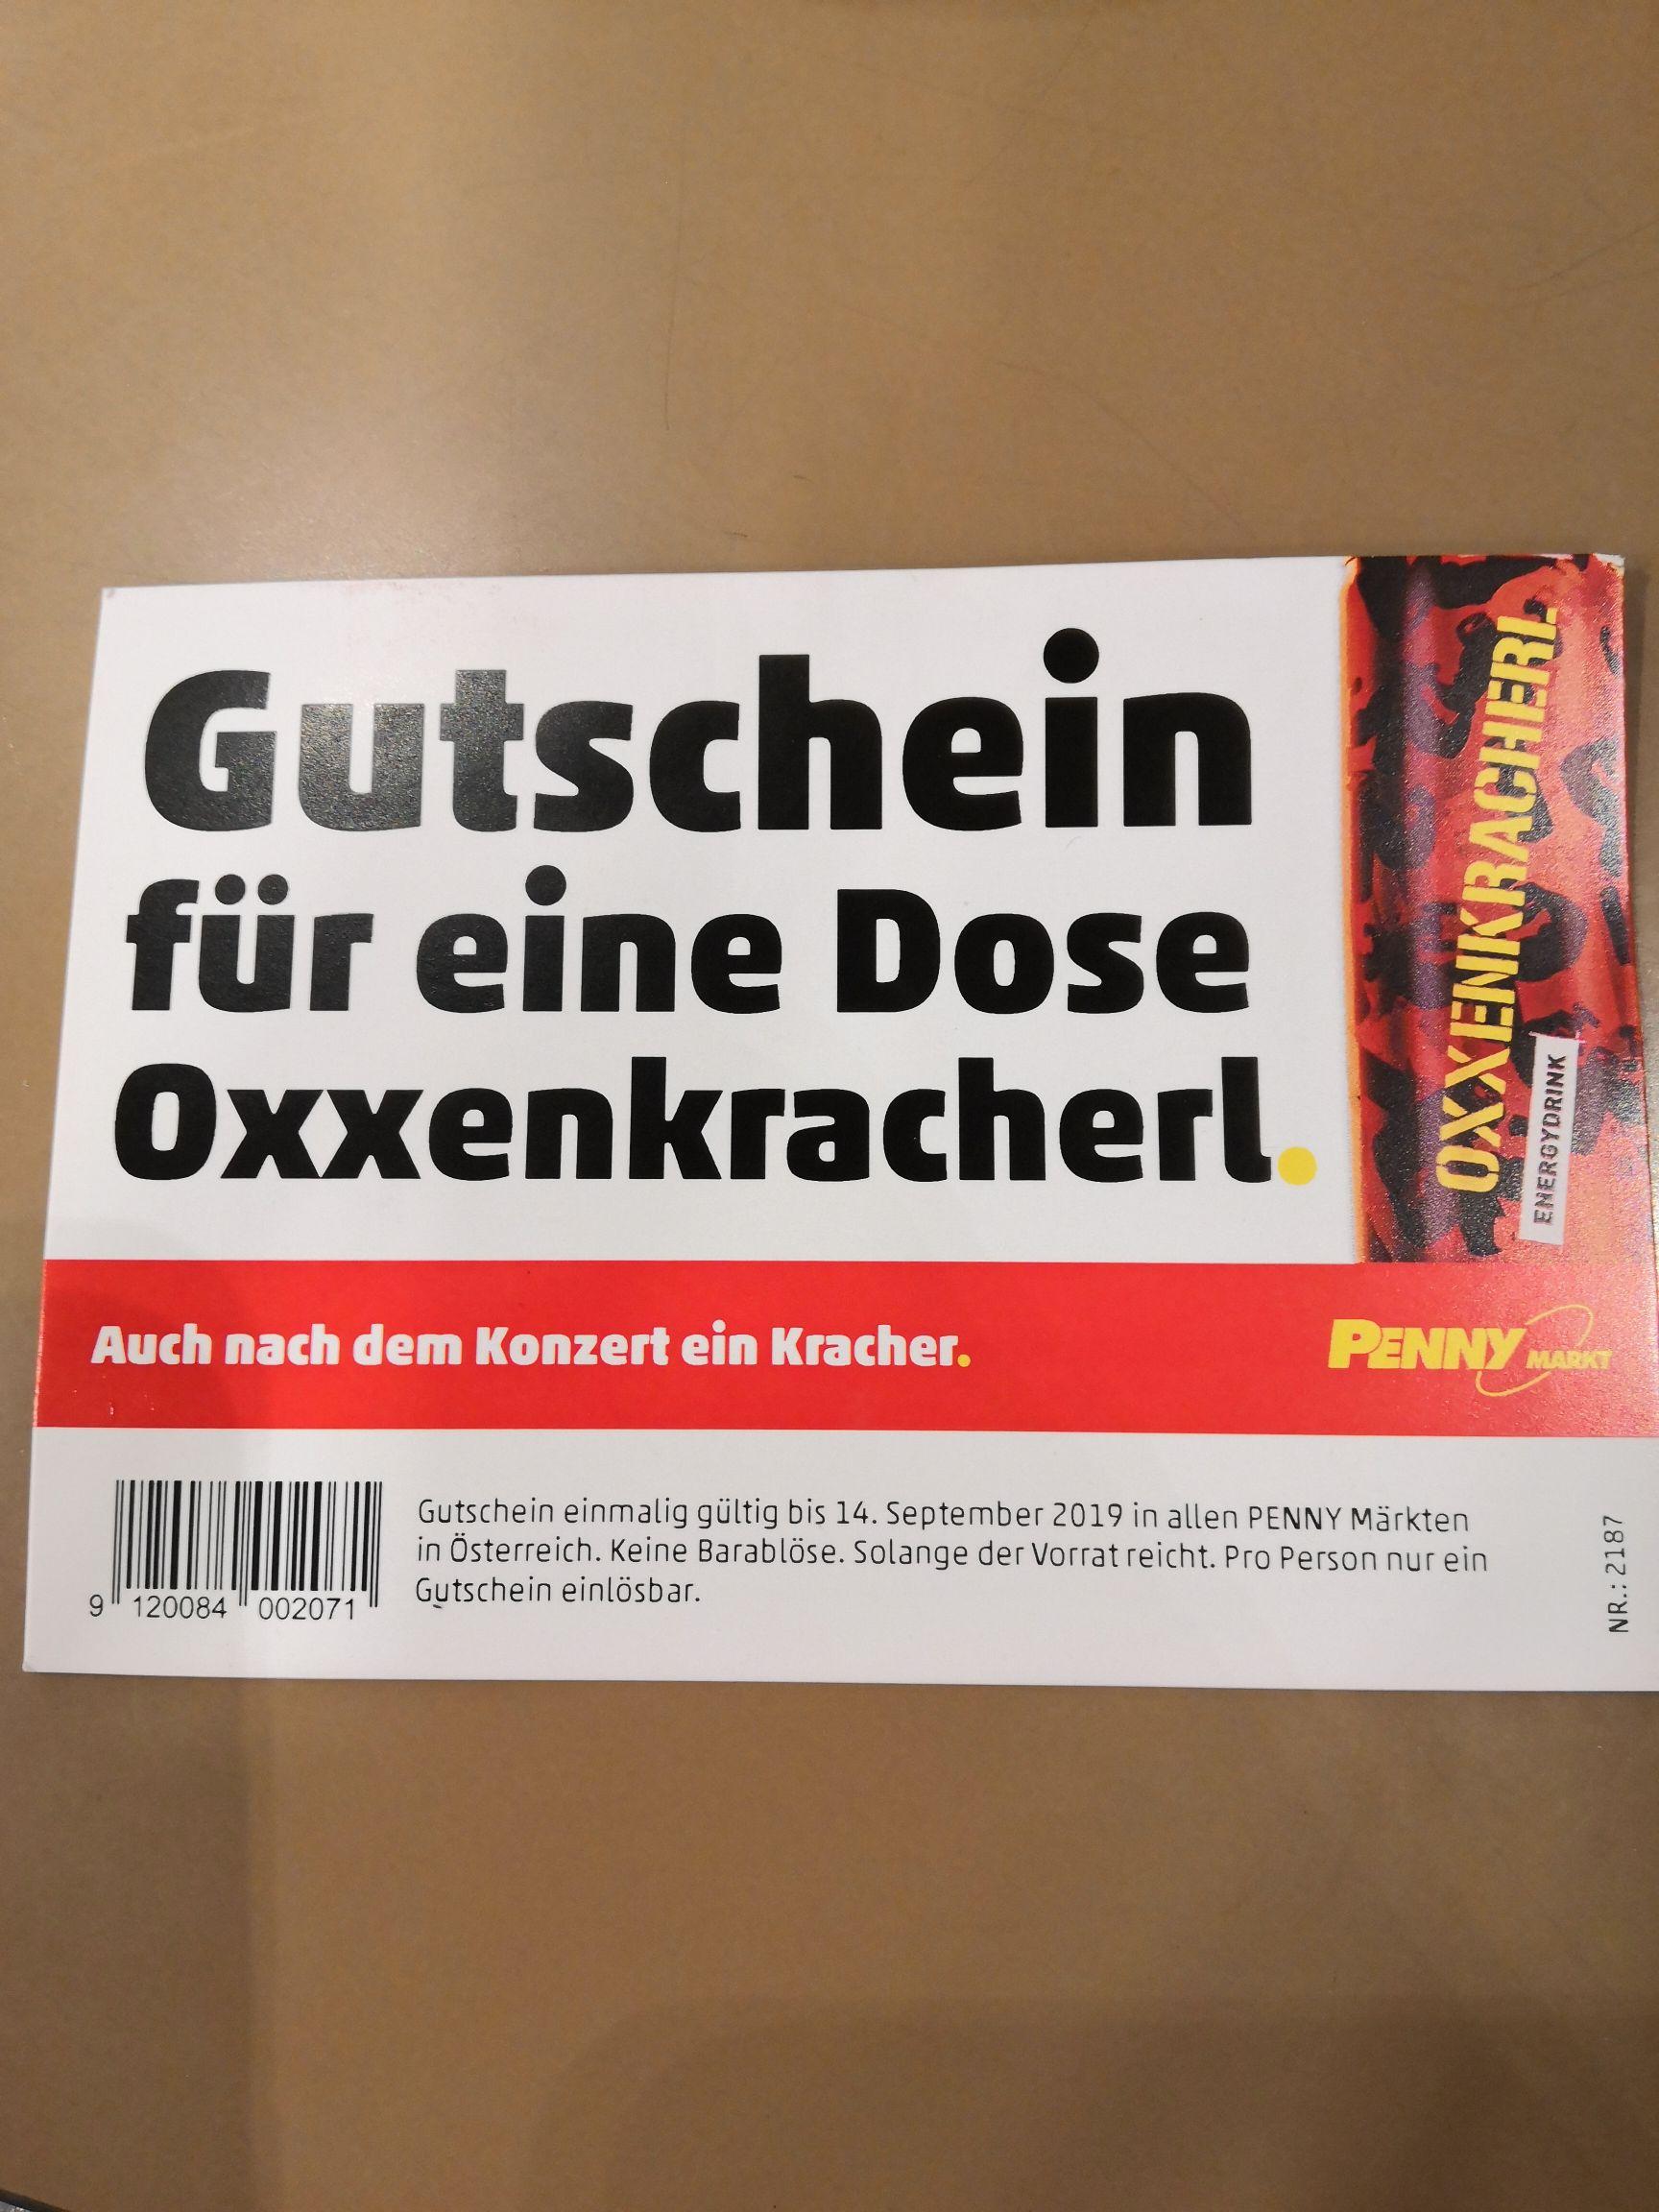 Penny: Gratis Dose Oxxenkracherl